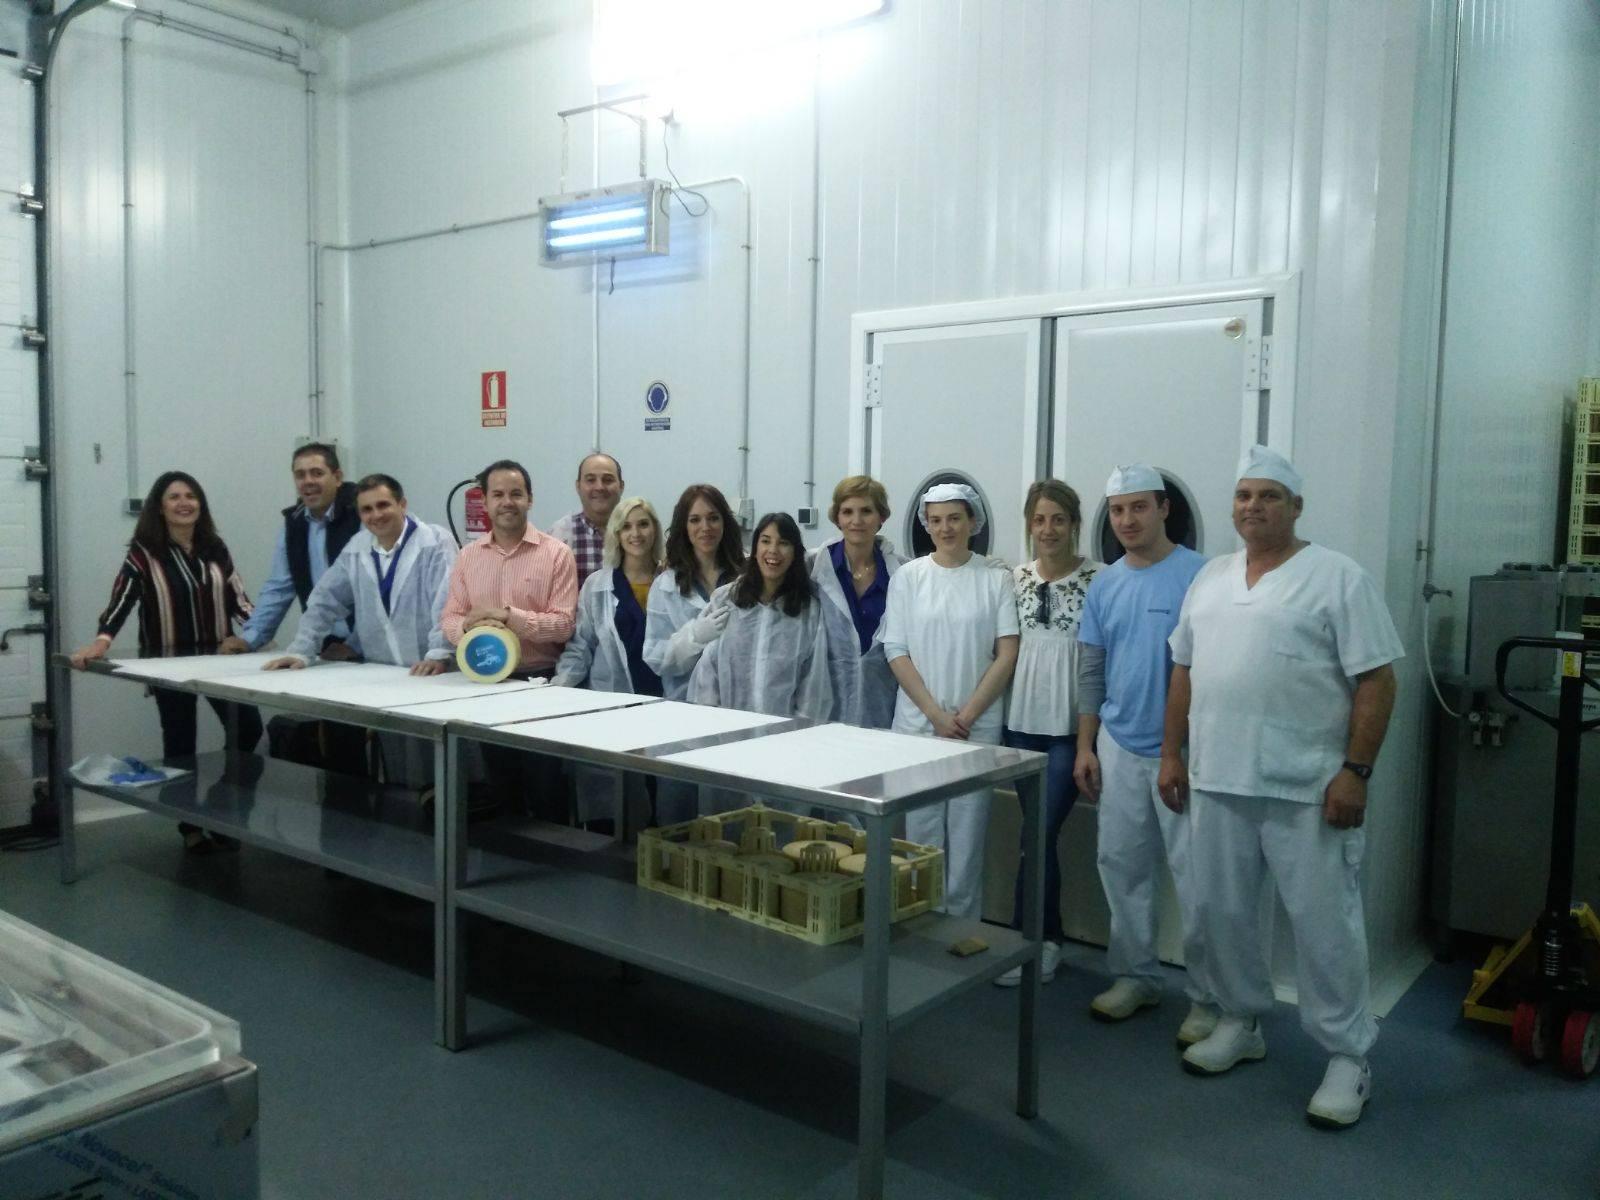 El Campo CMM elige Herencia para grabar la felicitación de San Isidro 2108 3